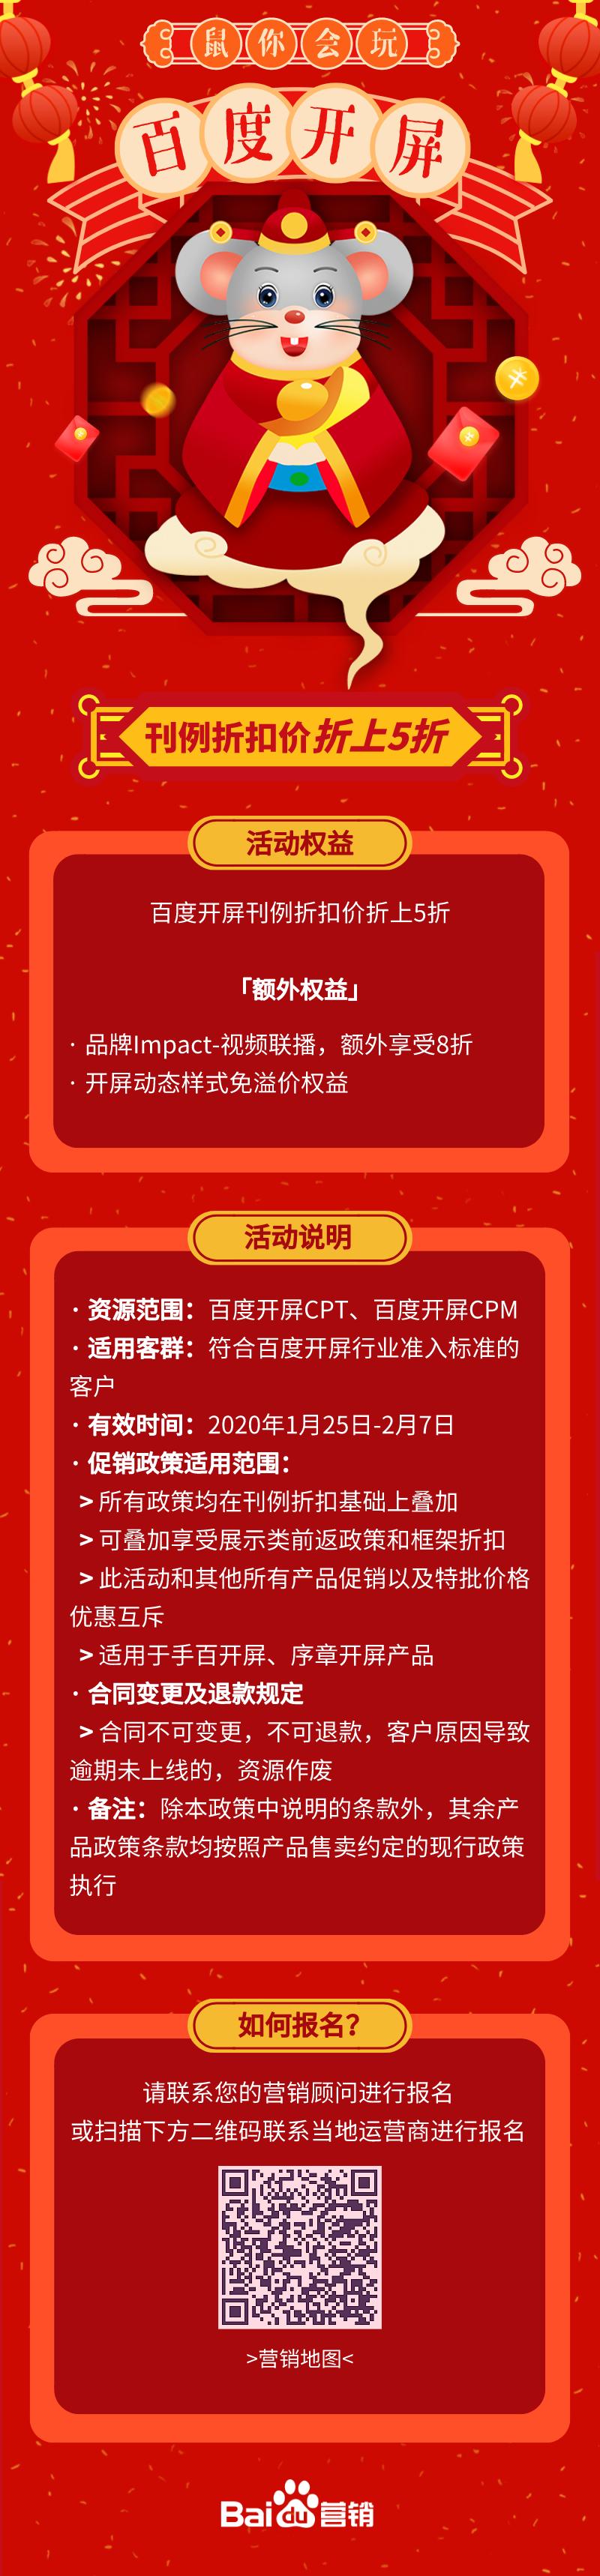 鼠年春节不打烊-品牌_20200114-1.png